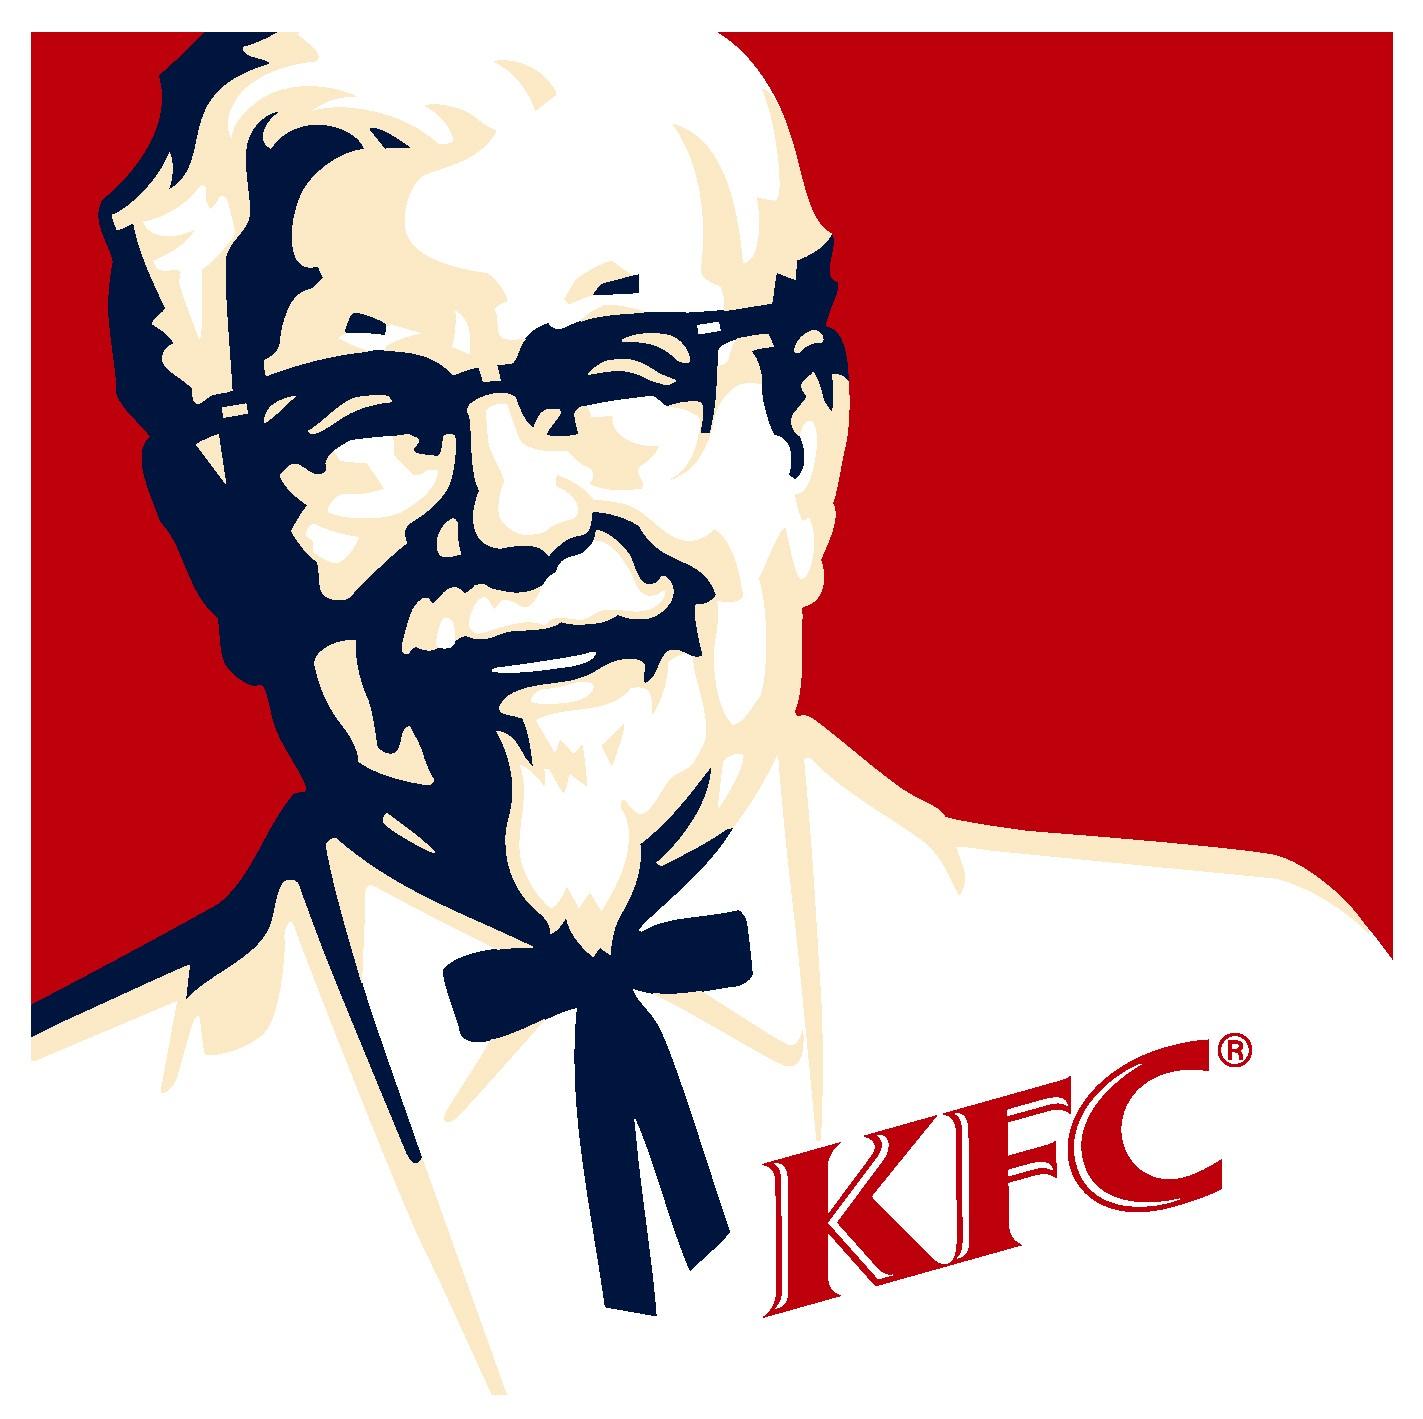 Grilovací sezóna startuje v KFC!